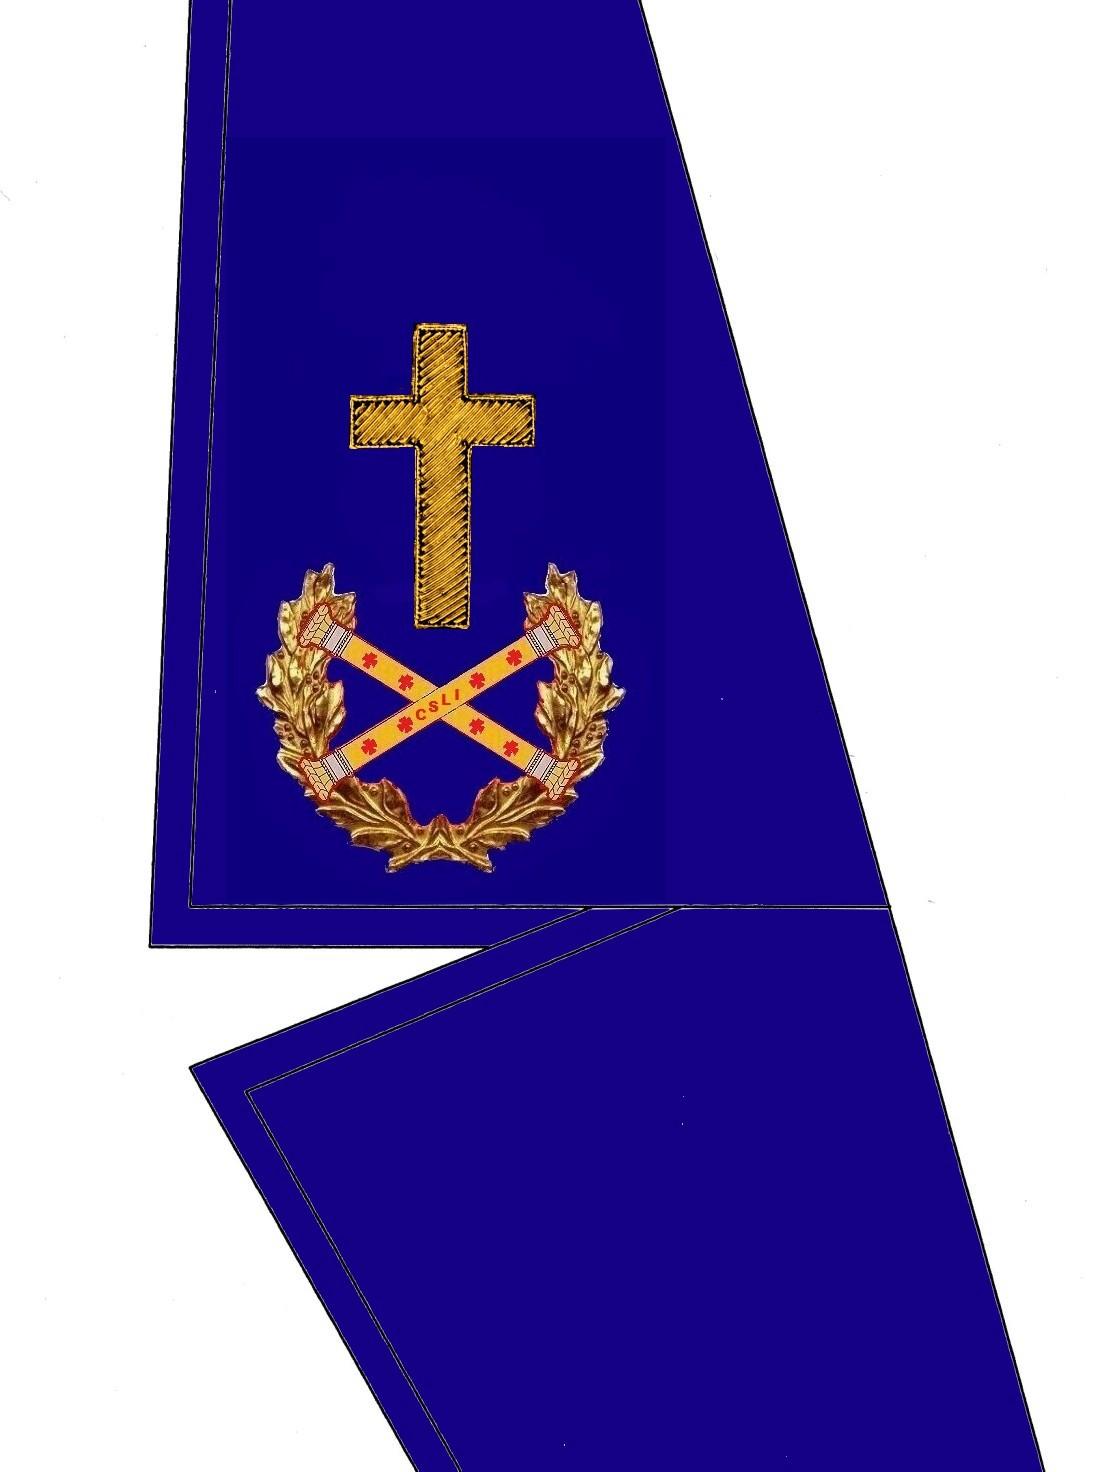 0305-kragen-rangabzeichen-unionskurat-hg-blau